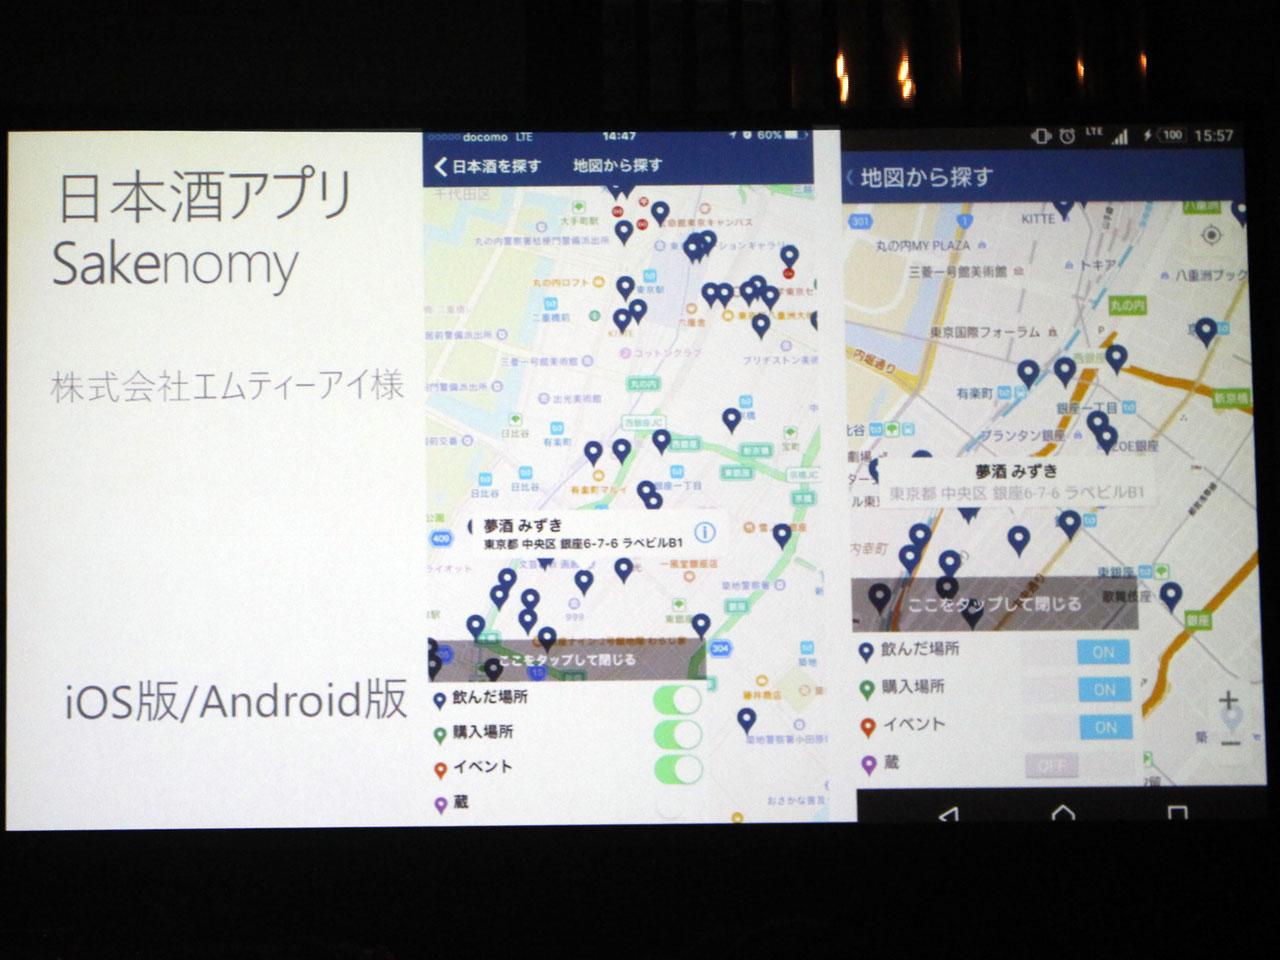 株式会社エムティーアイの日本酒アプリ「Sakenomy」